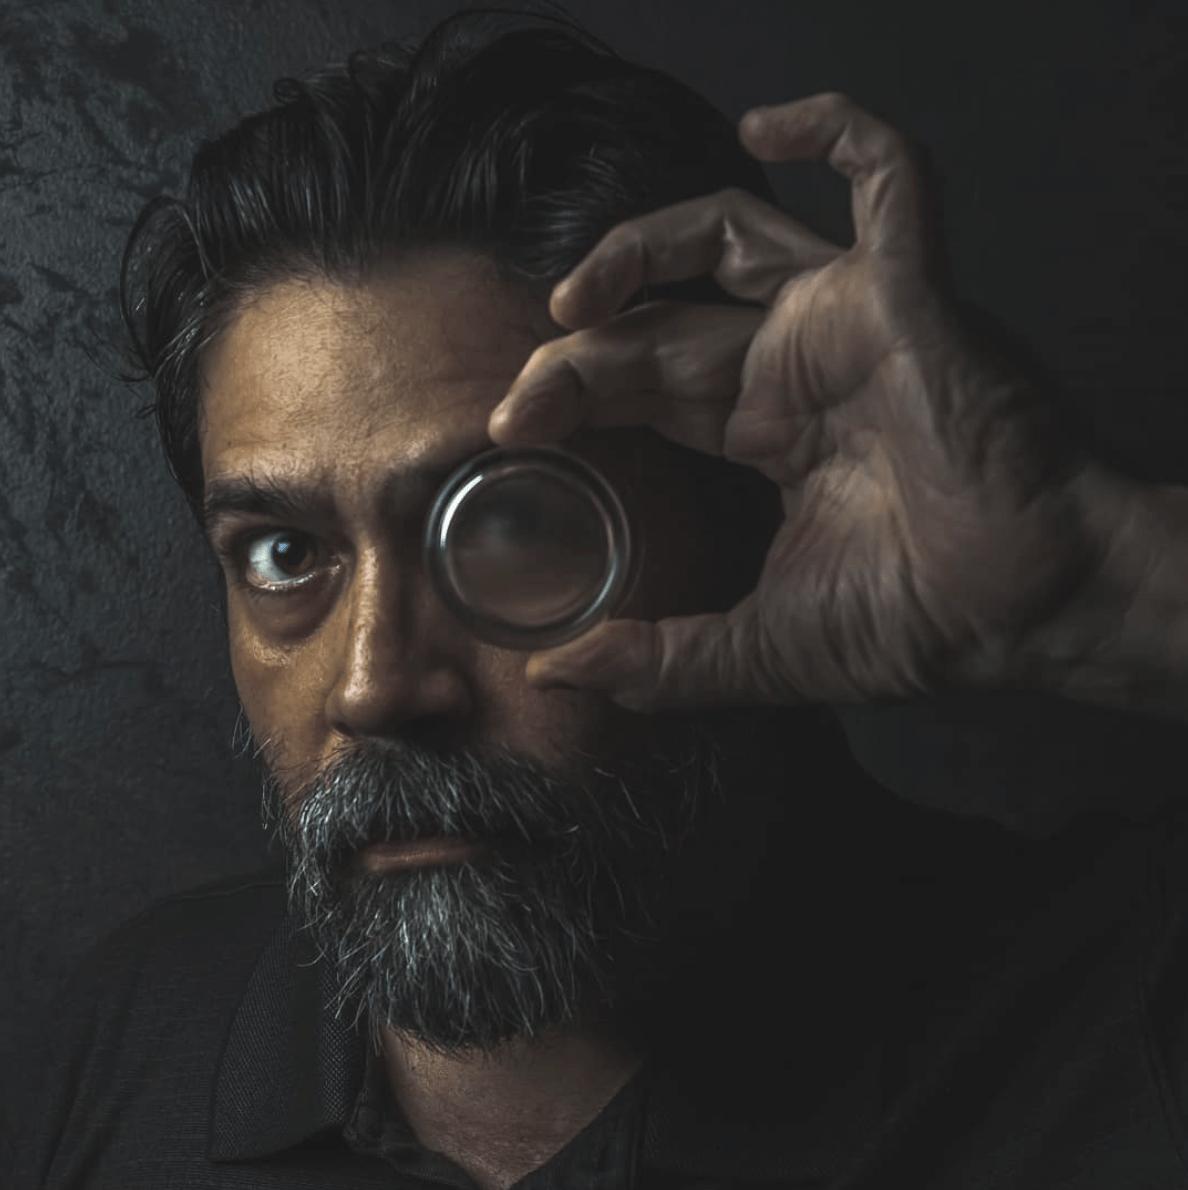 Autorretrato de hombre con cristal en el ojo, fotografía ganadora del fotoreto 52